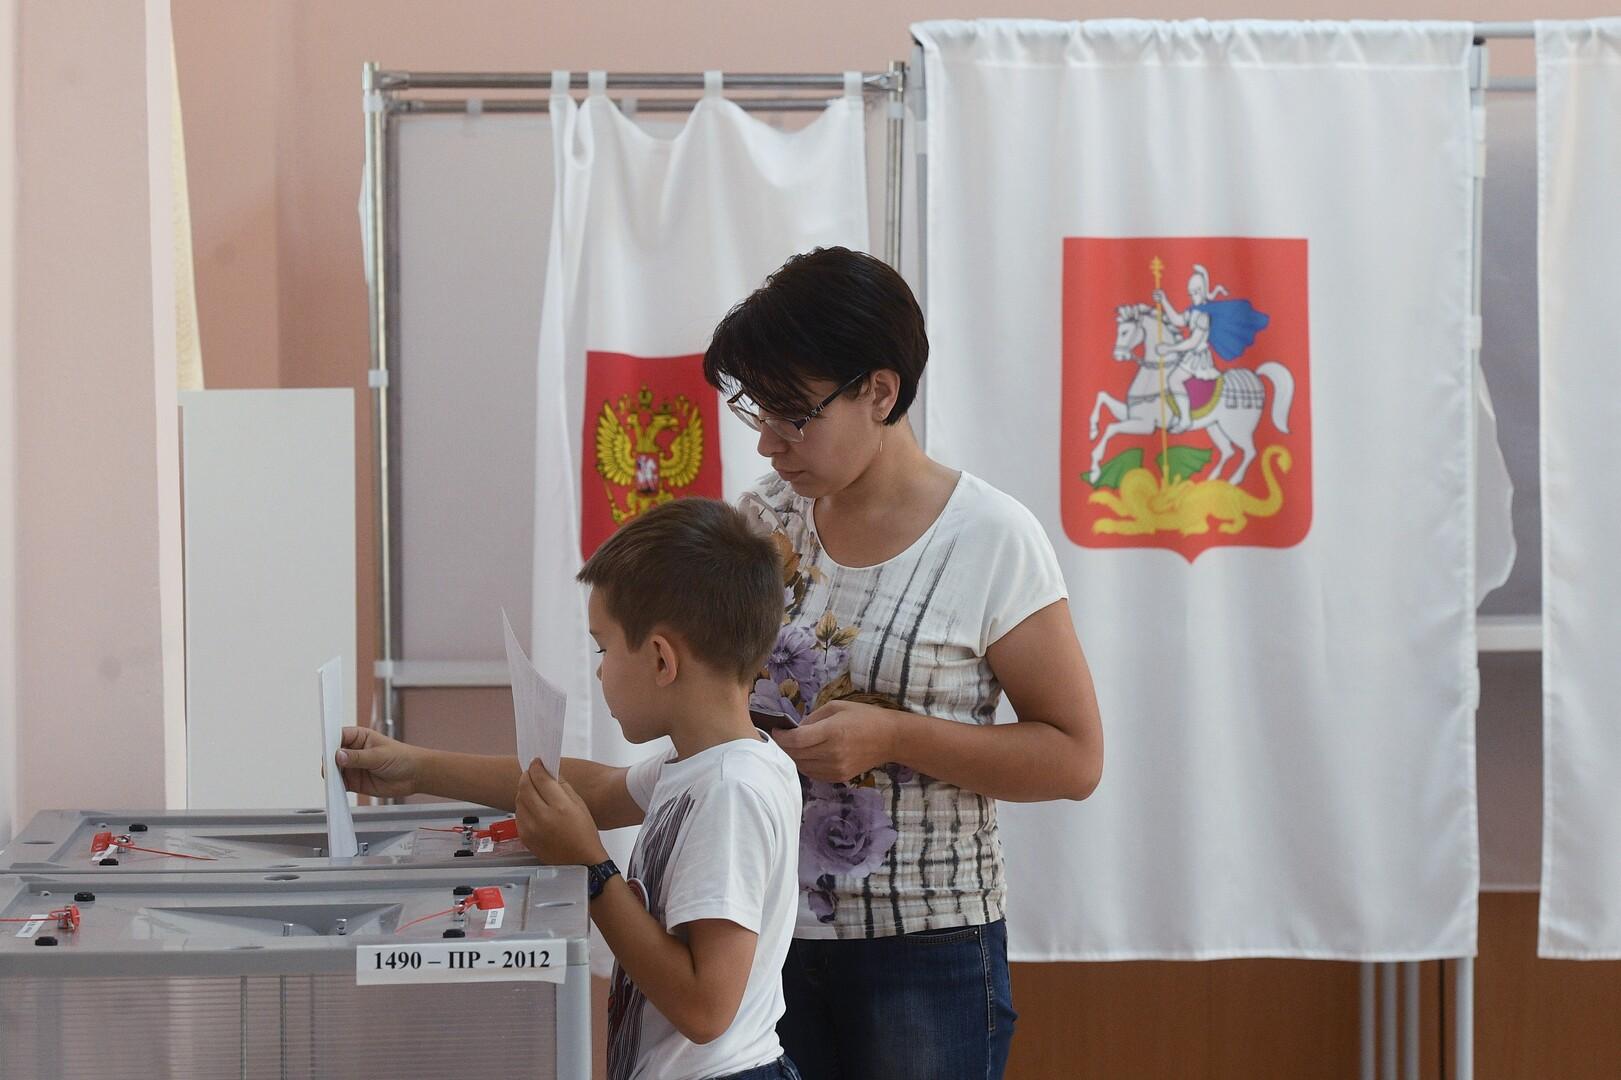 روسيا تحذر شبكات التواصل الاجتماعي من أي تدخل في انتخاباتها